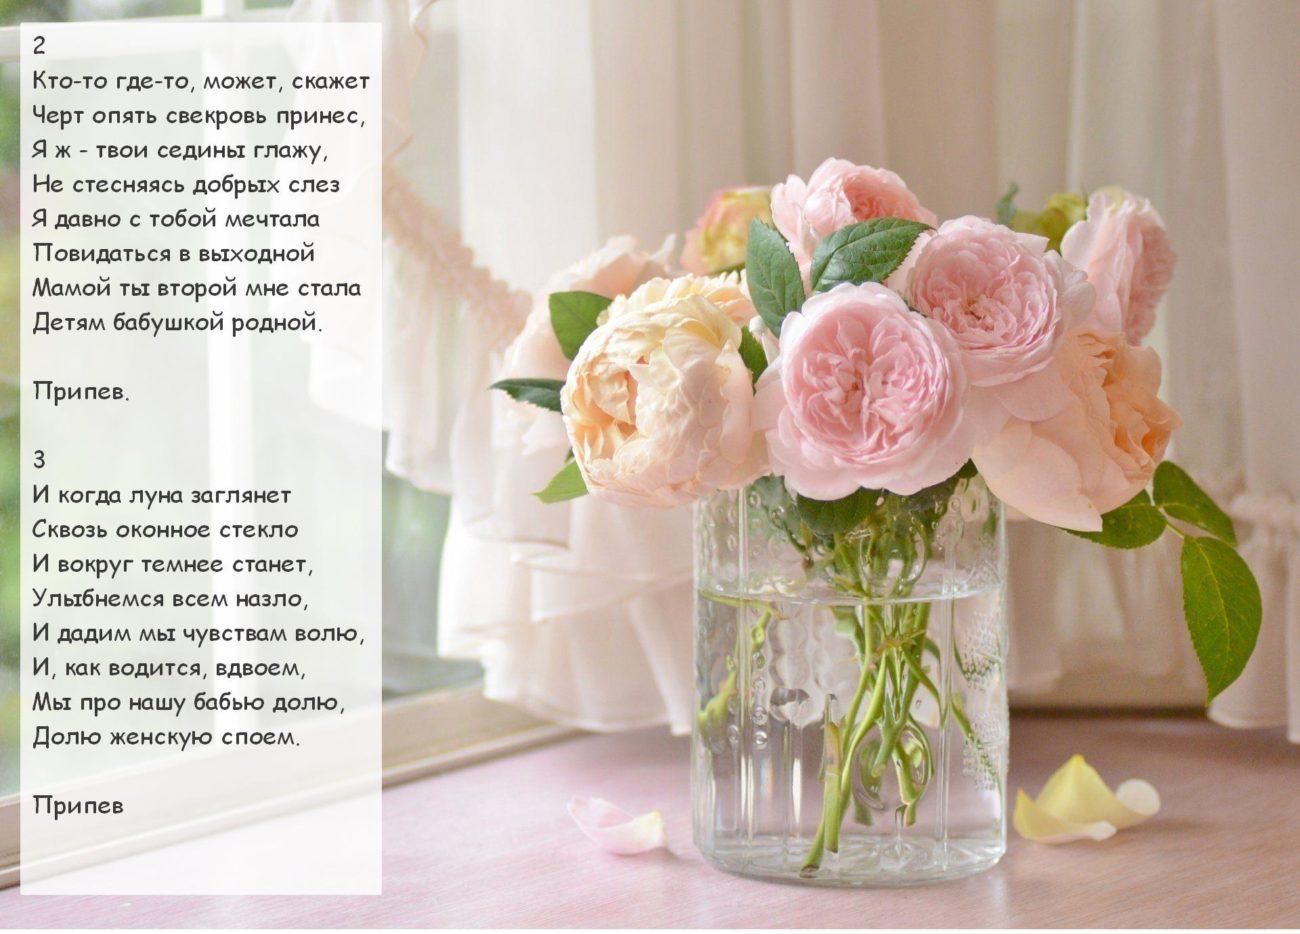 Поздравления с днём рождения для невестки от свекрови трогательные до слез 29